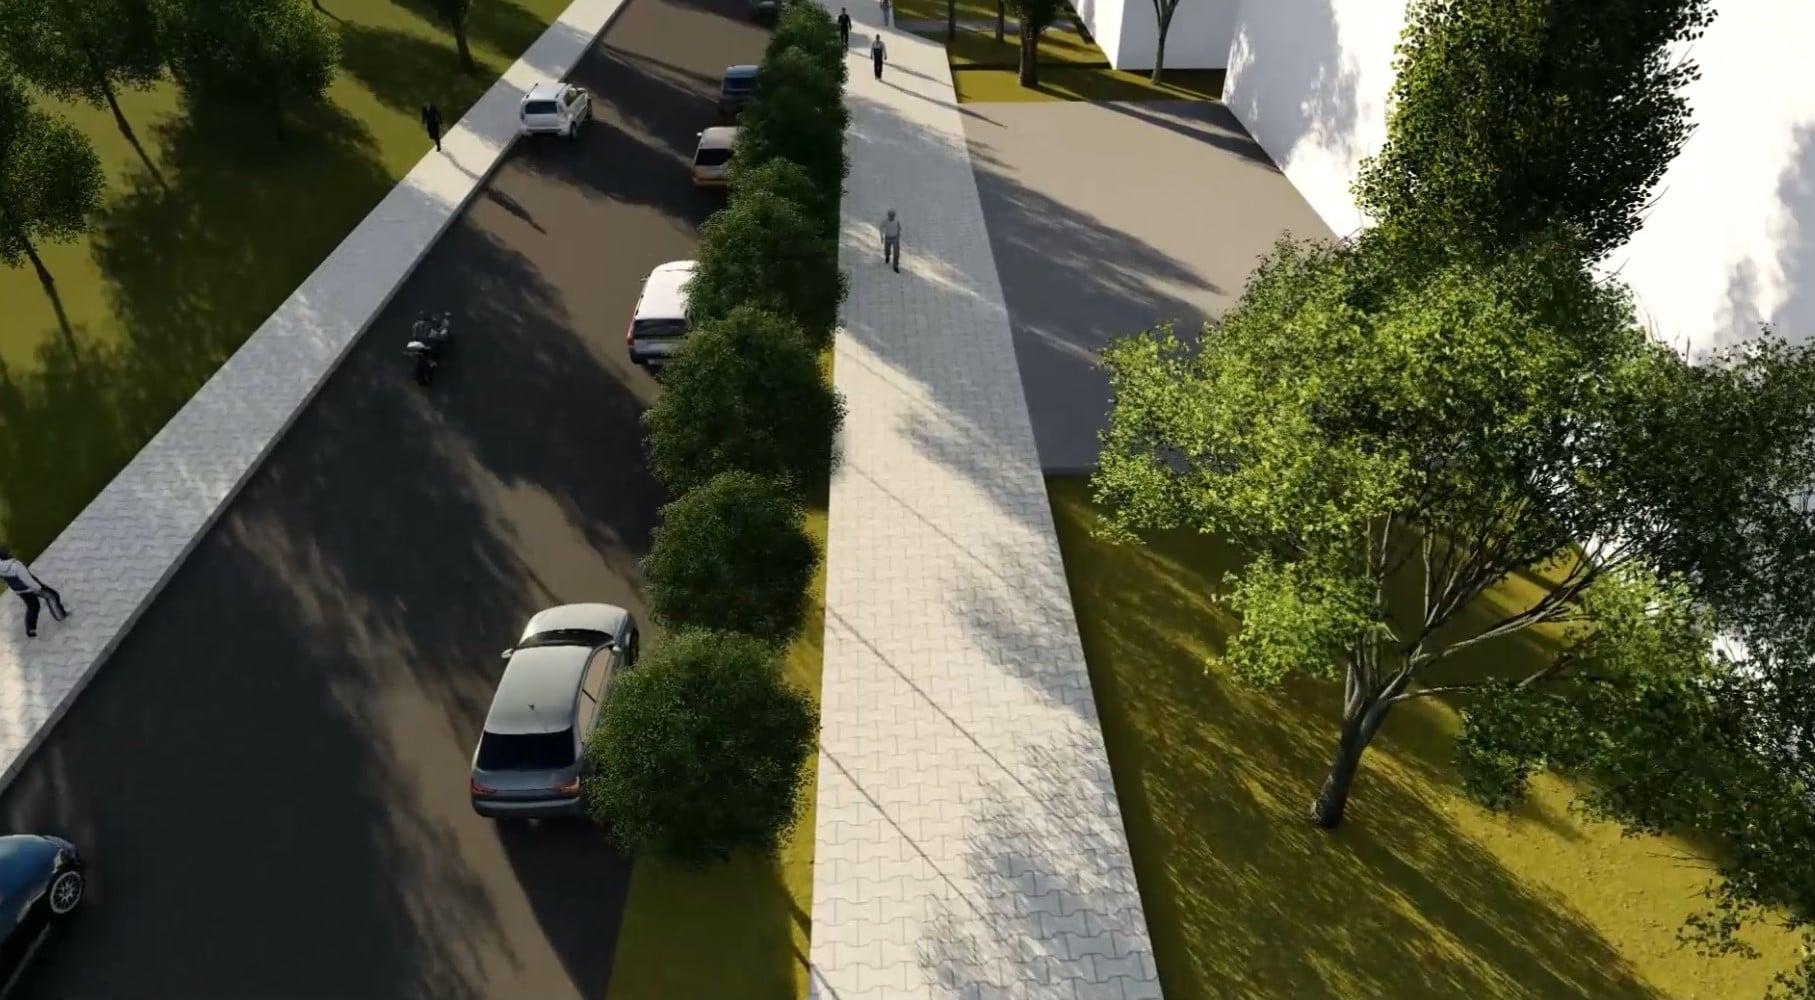 A fost semnat al doilea contract de execuție a lucrărilor în cadrul celui mai amplu demers de modernizare a municipiului Hunedoara